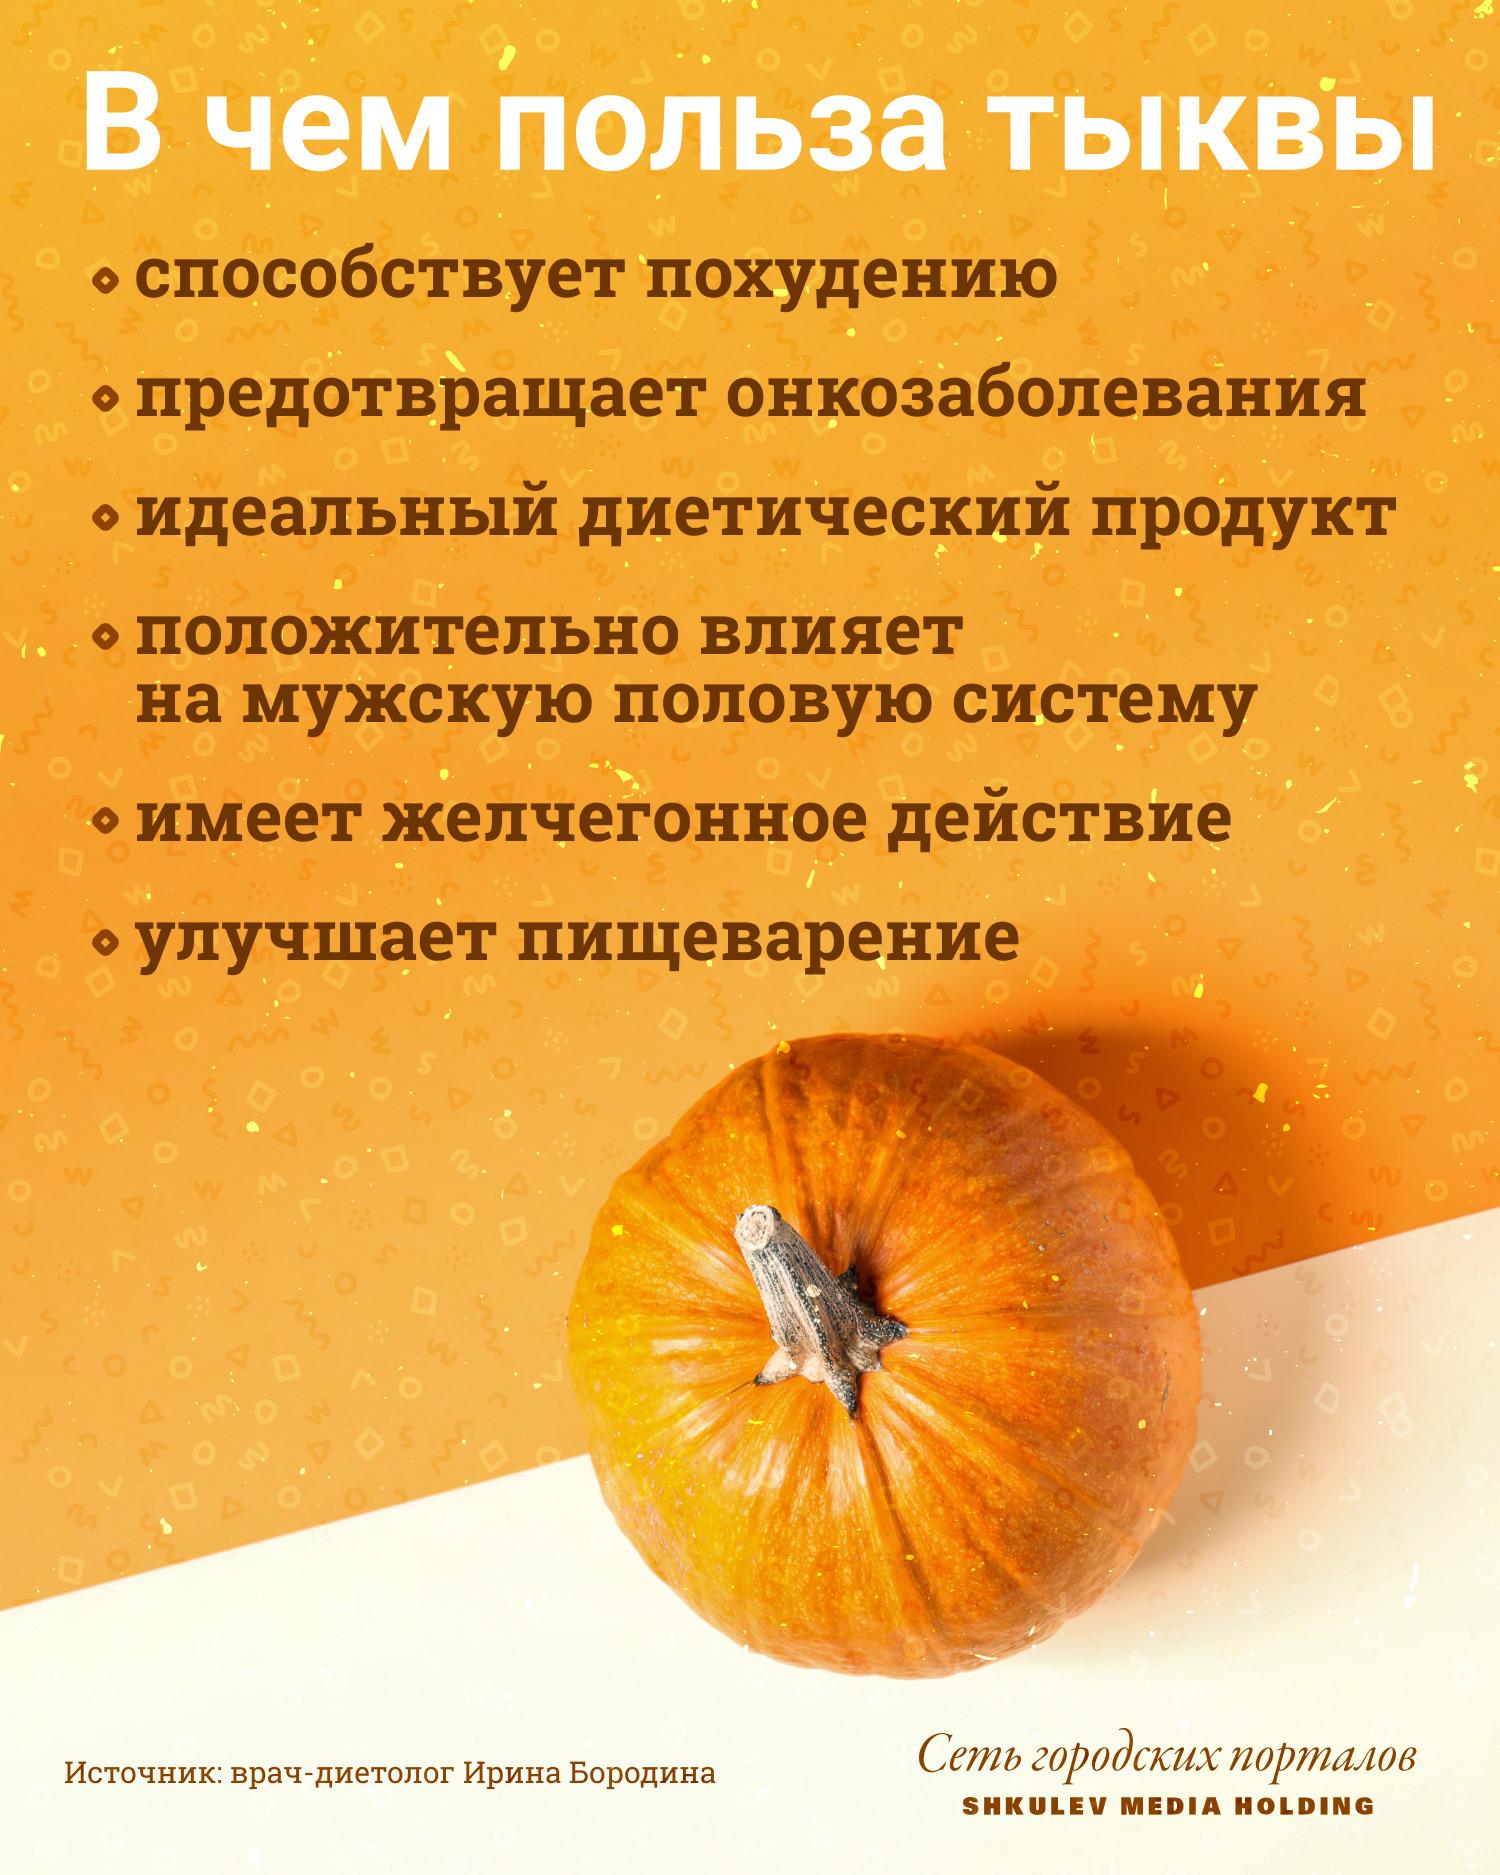 Полезные свойства тыквы